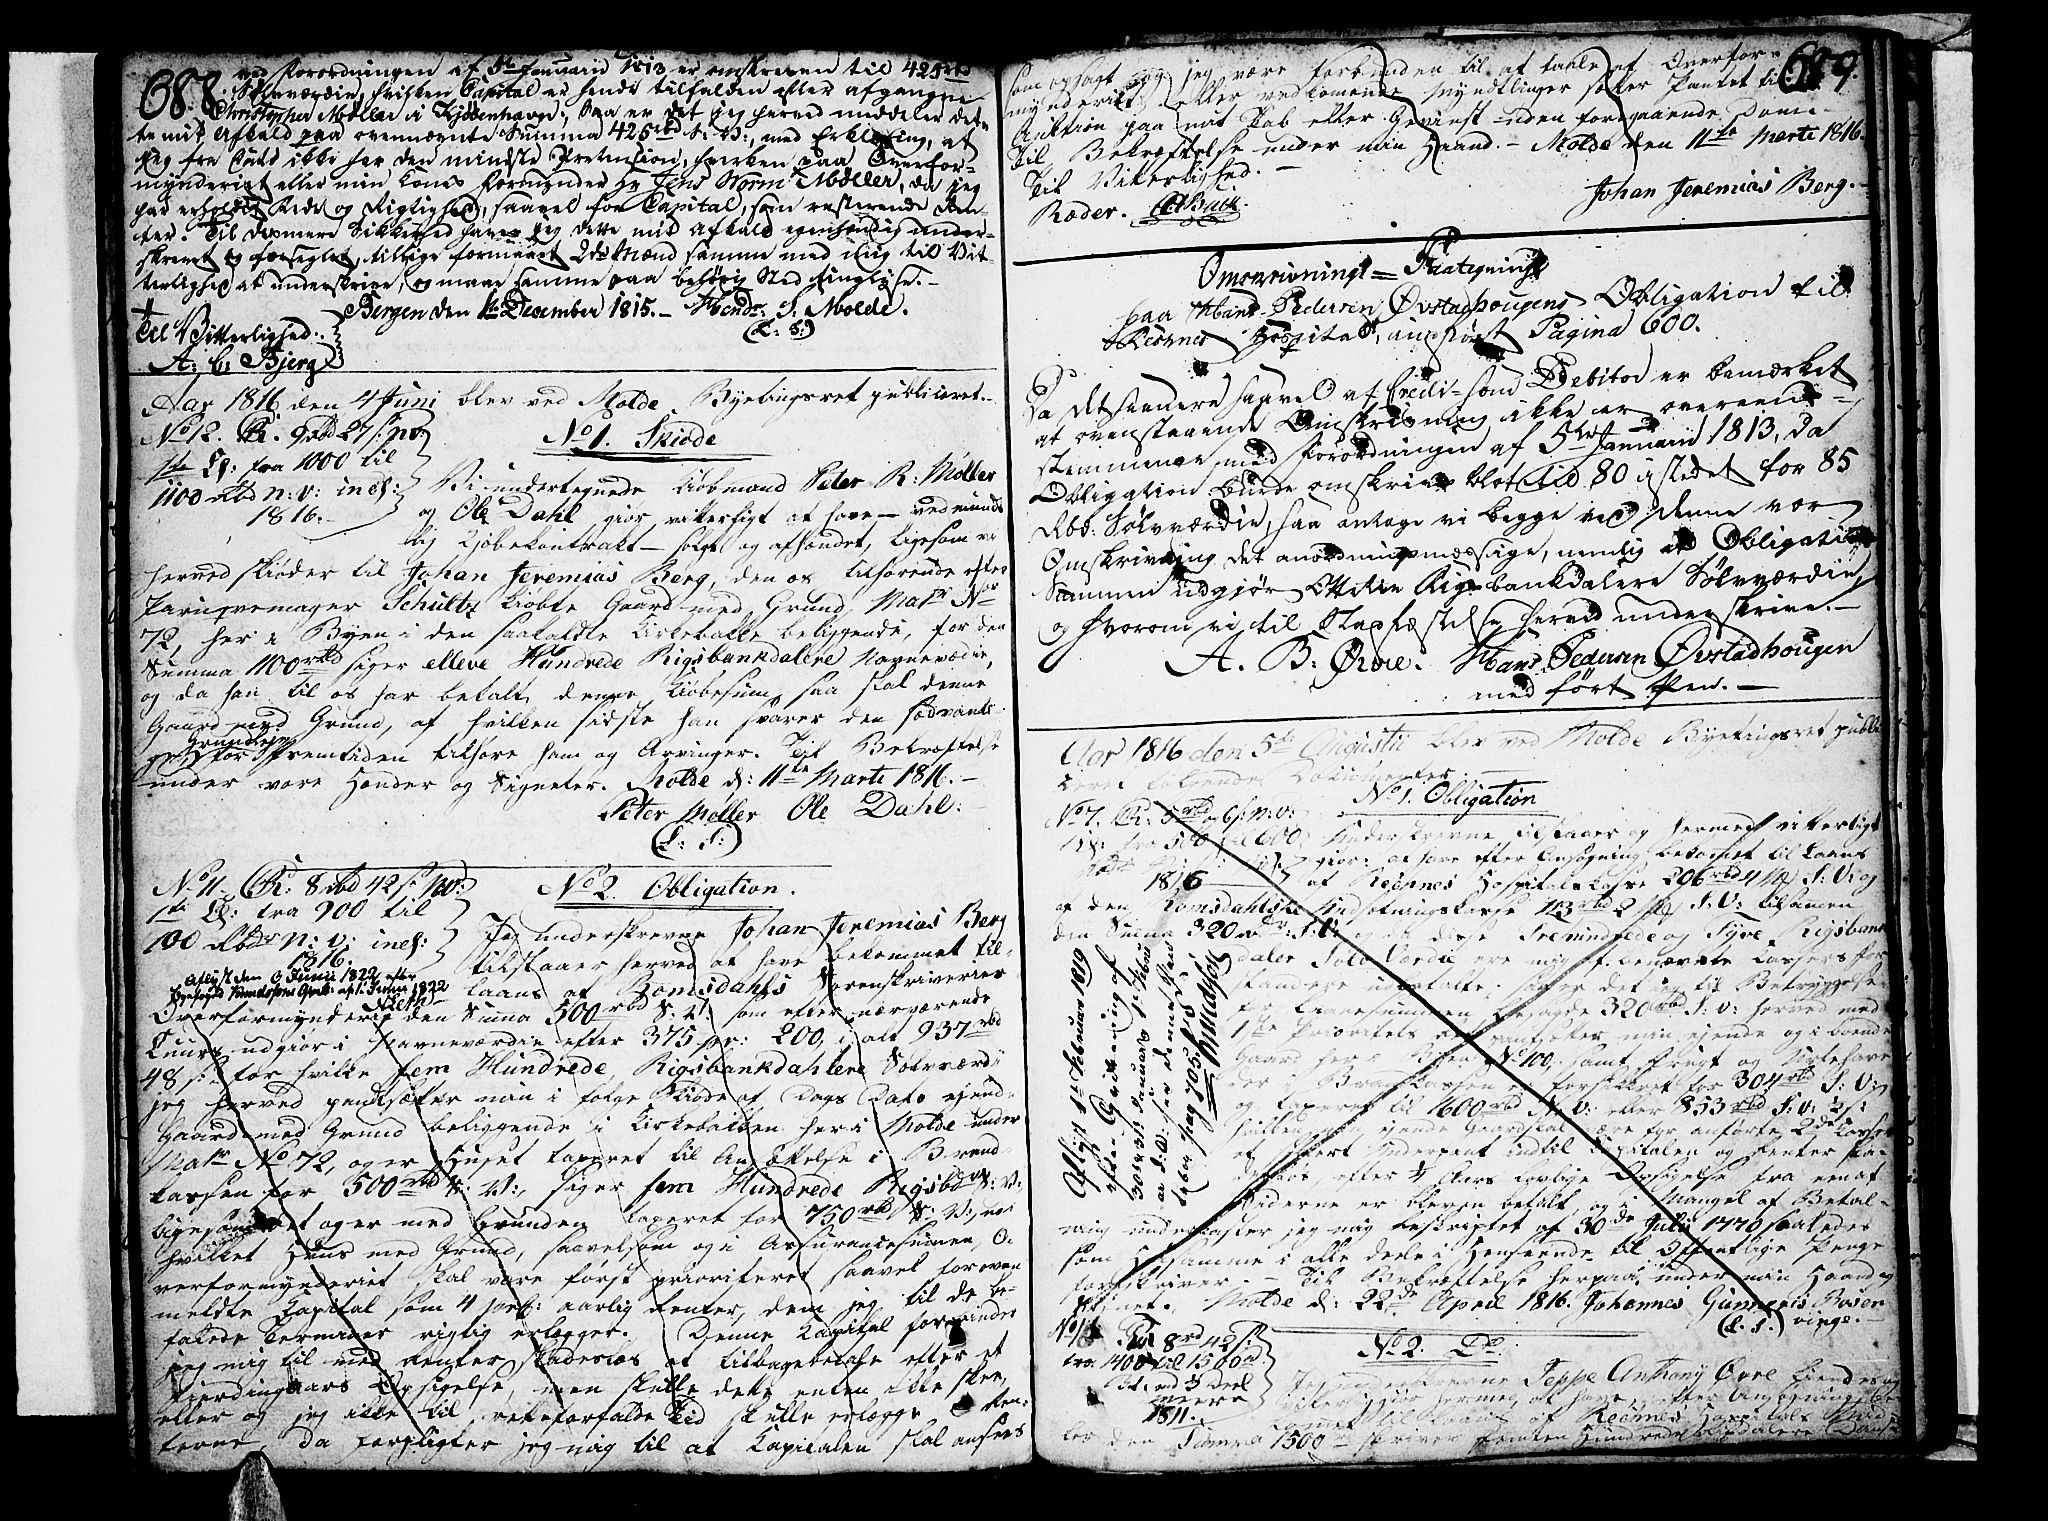 SAT, Molde byfogd, 2/2C/L0001: Pantebok nr. 1, 1748-1823, s. 688-689